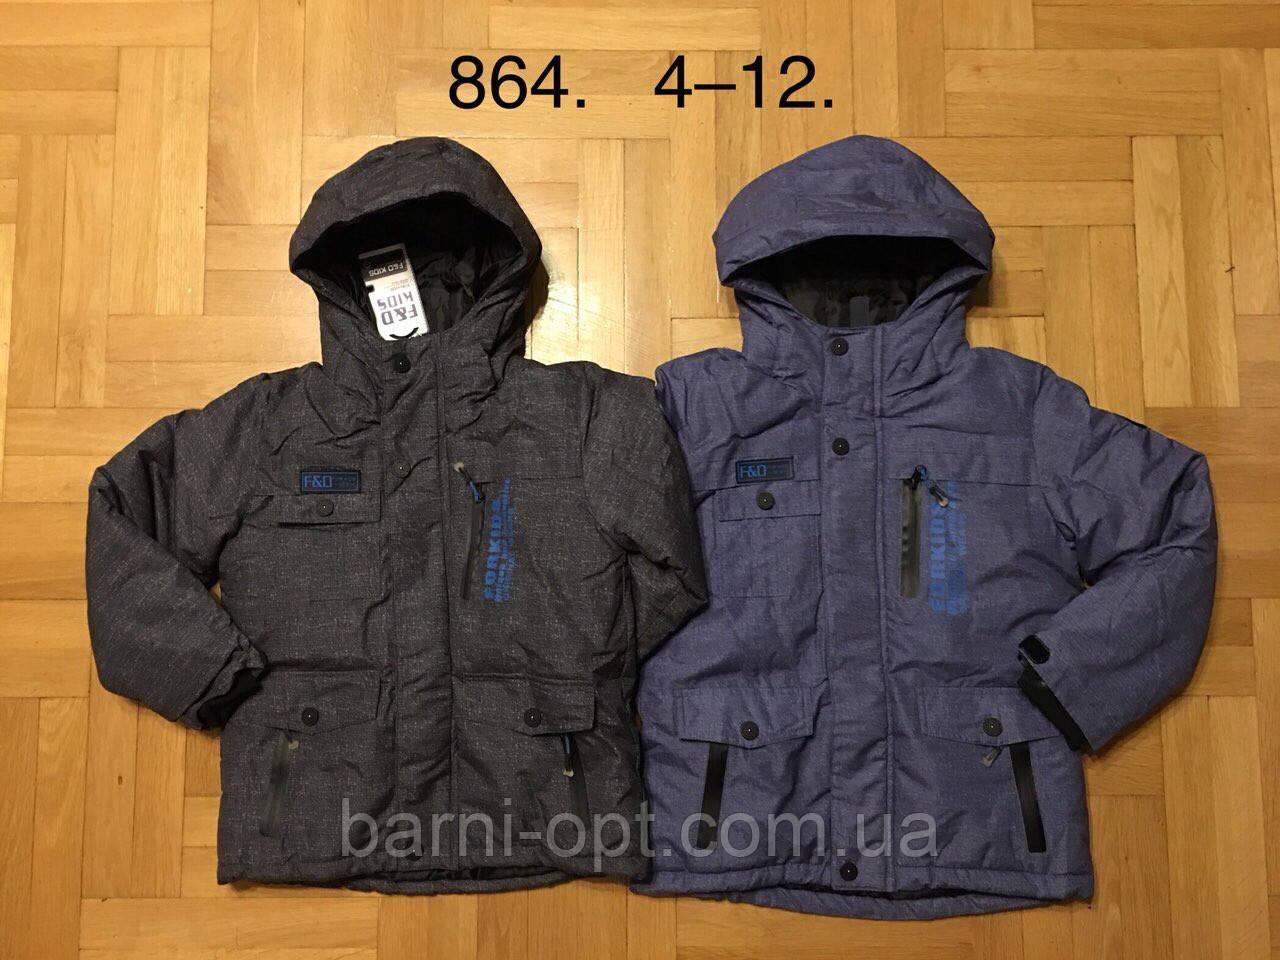 Куртки на мальчиков оптом, F&D, 4-12 рр